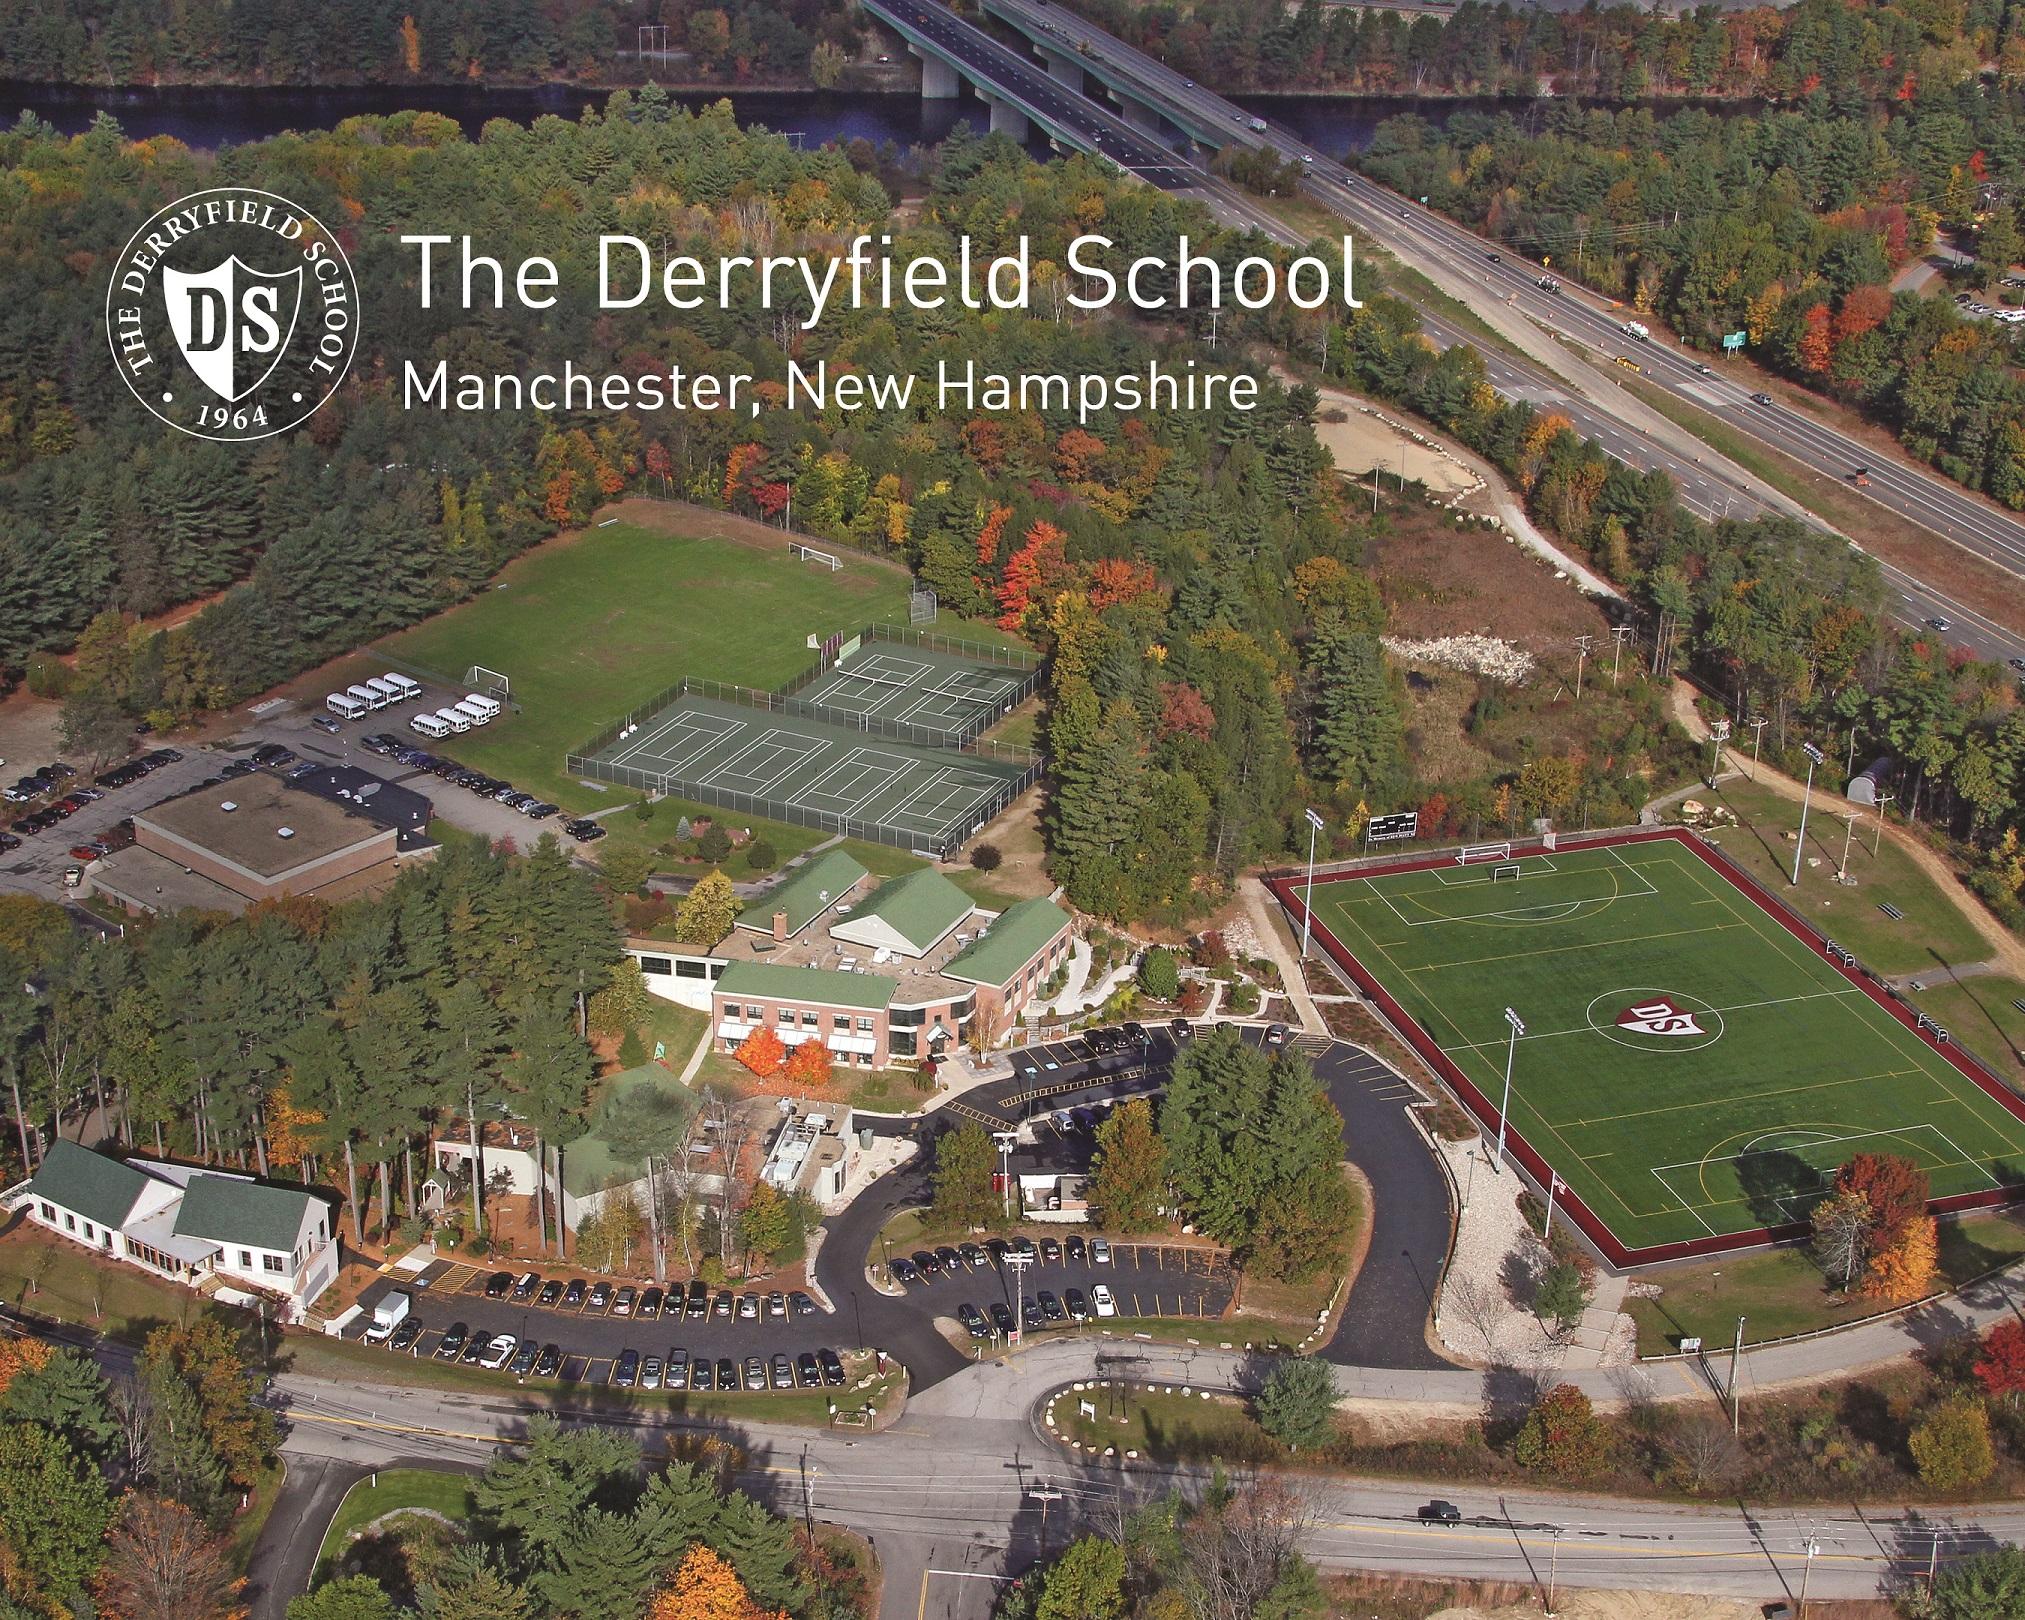 DS Campus